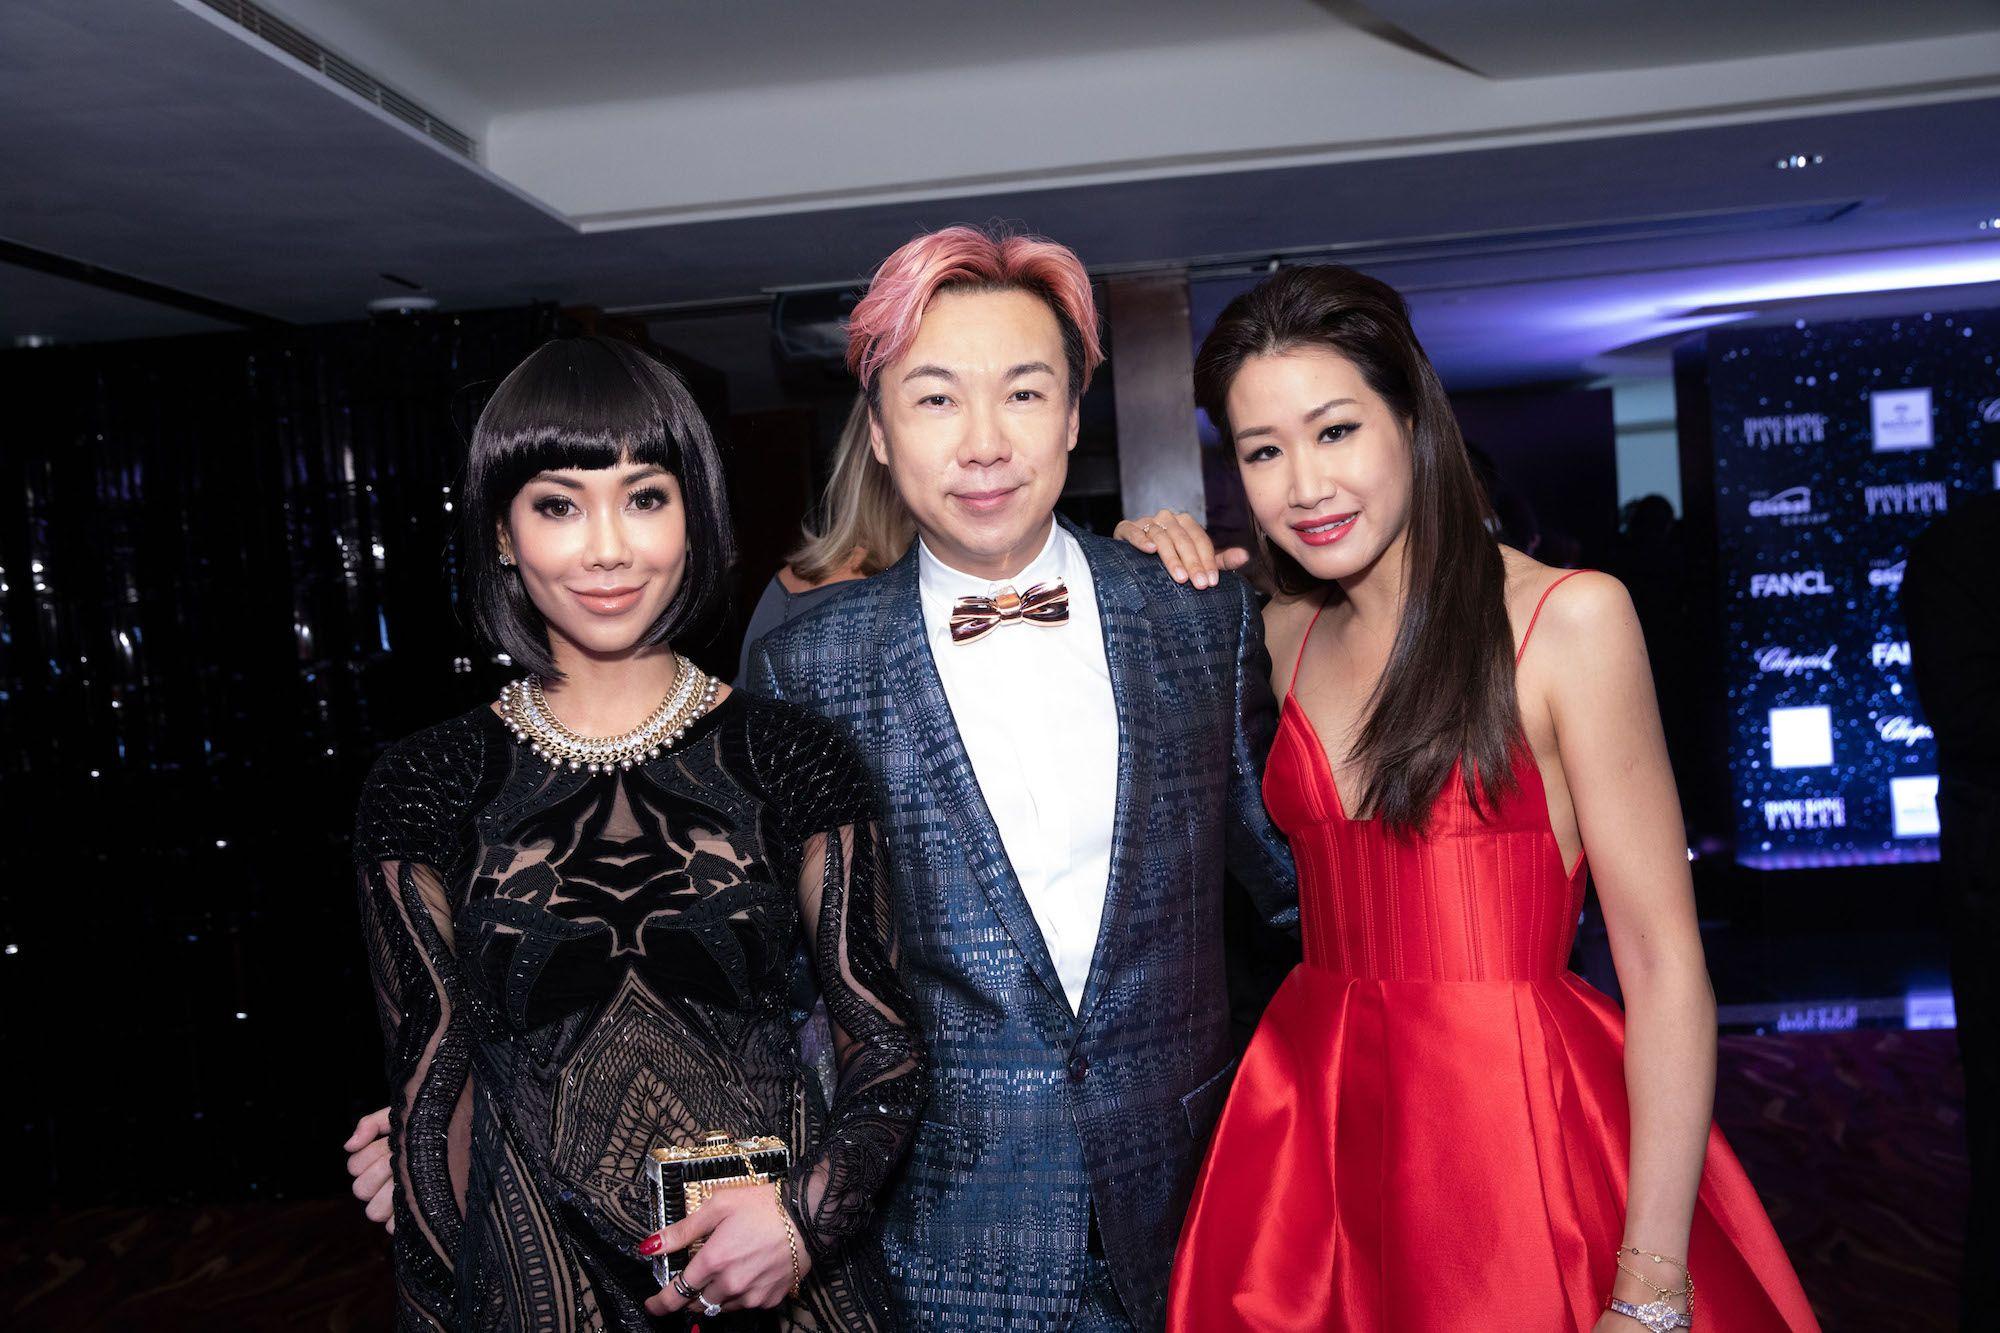 Yen Kuok, Francis Cheng, Yijia Tiong